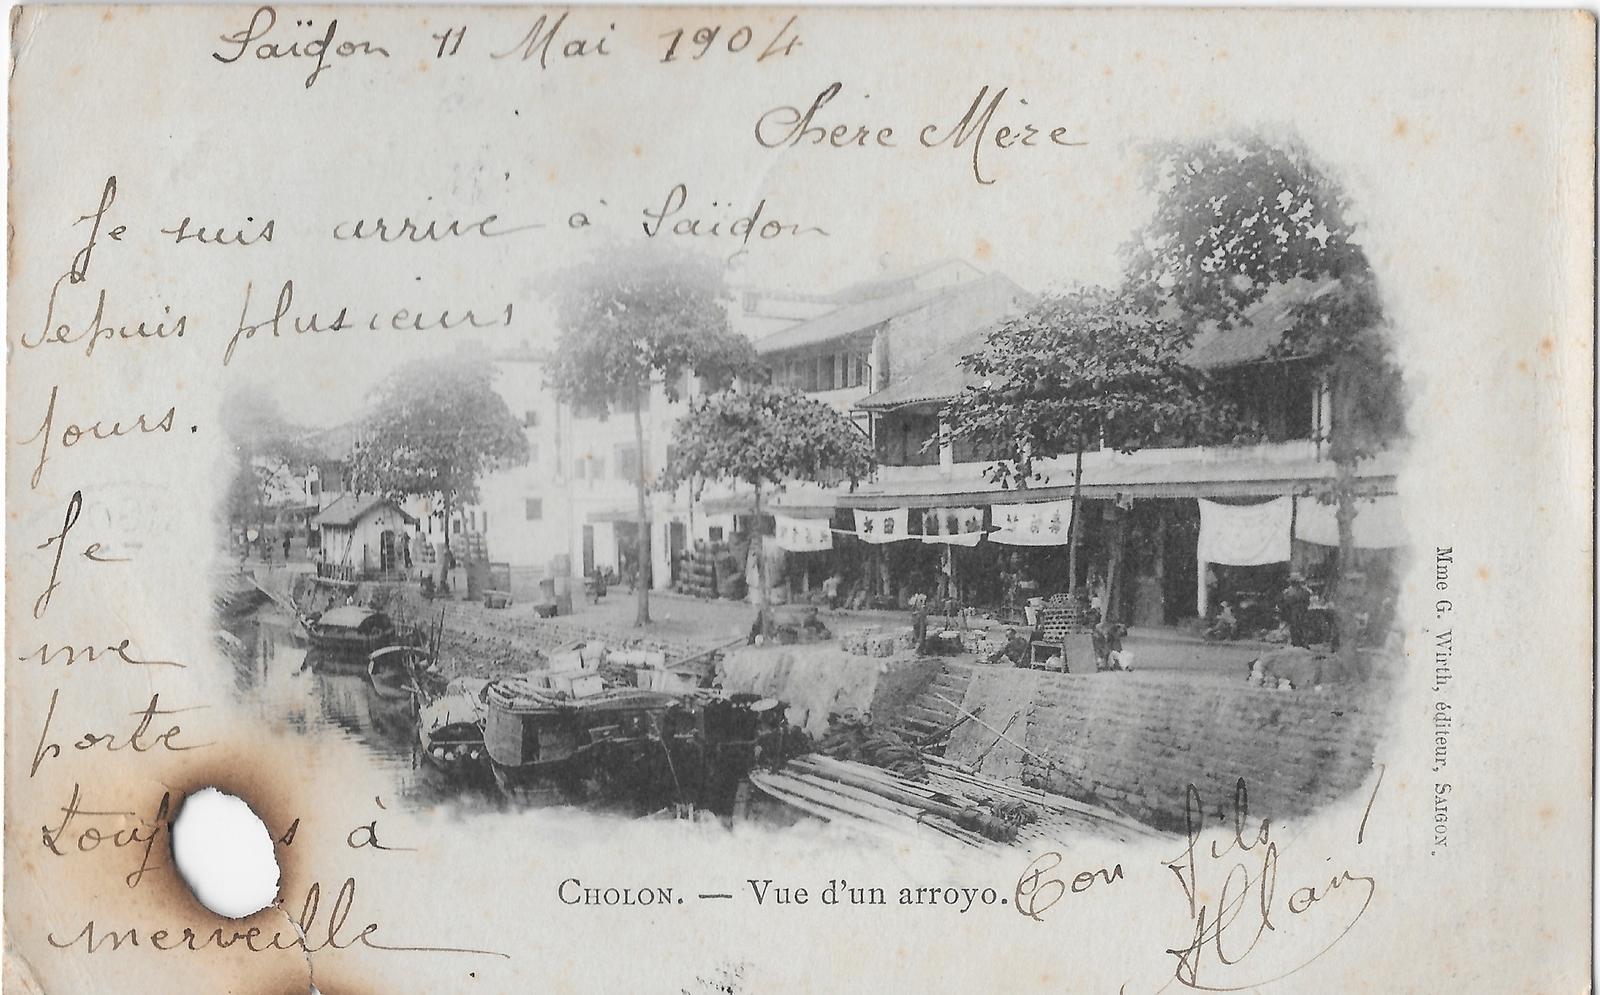 Saïgon -  Un arroyo